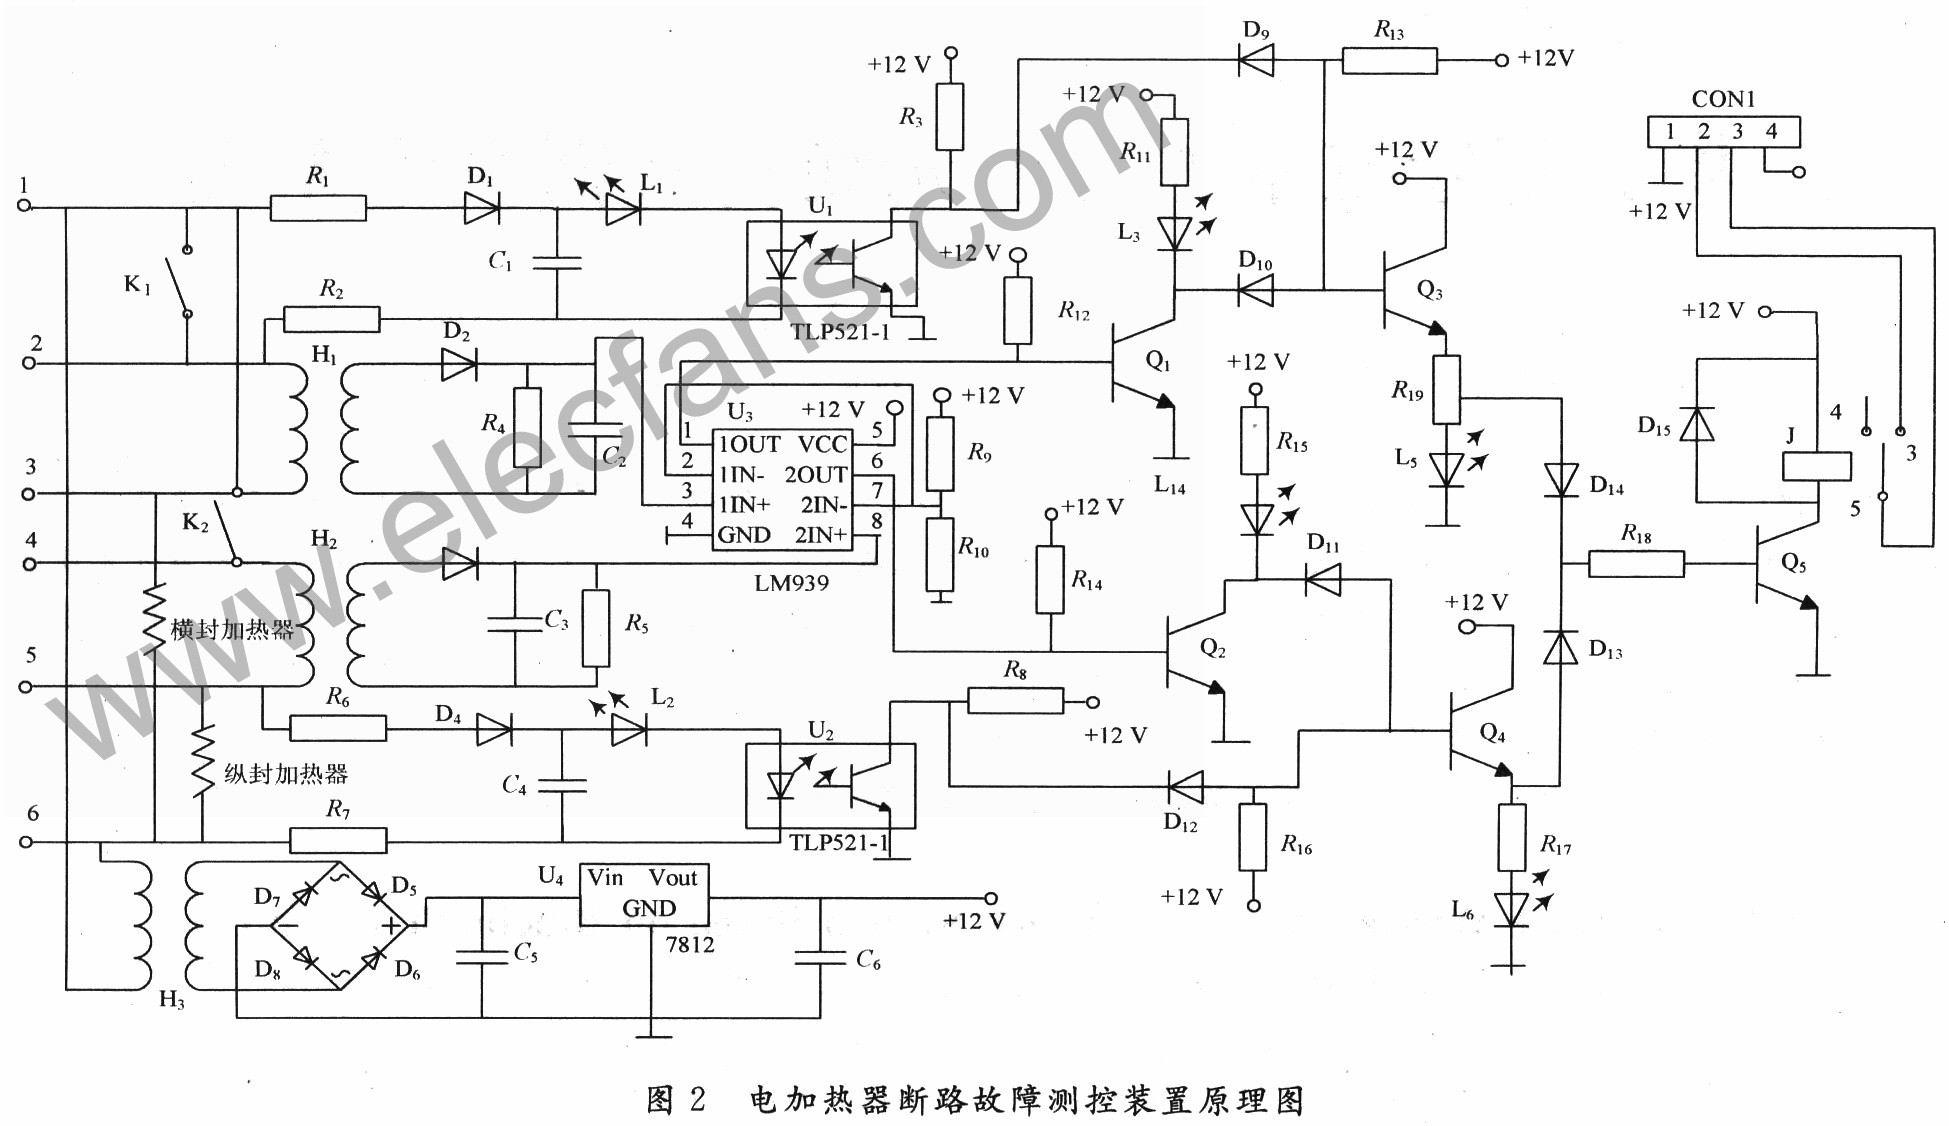 電加熱器斷路故障測控原理及電路圖 | 研發互助社區